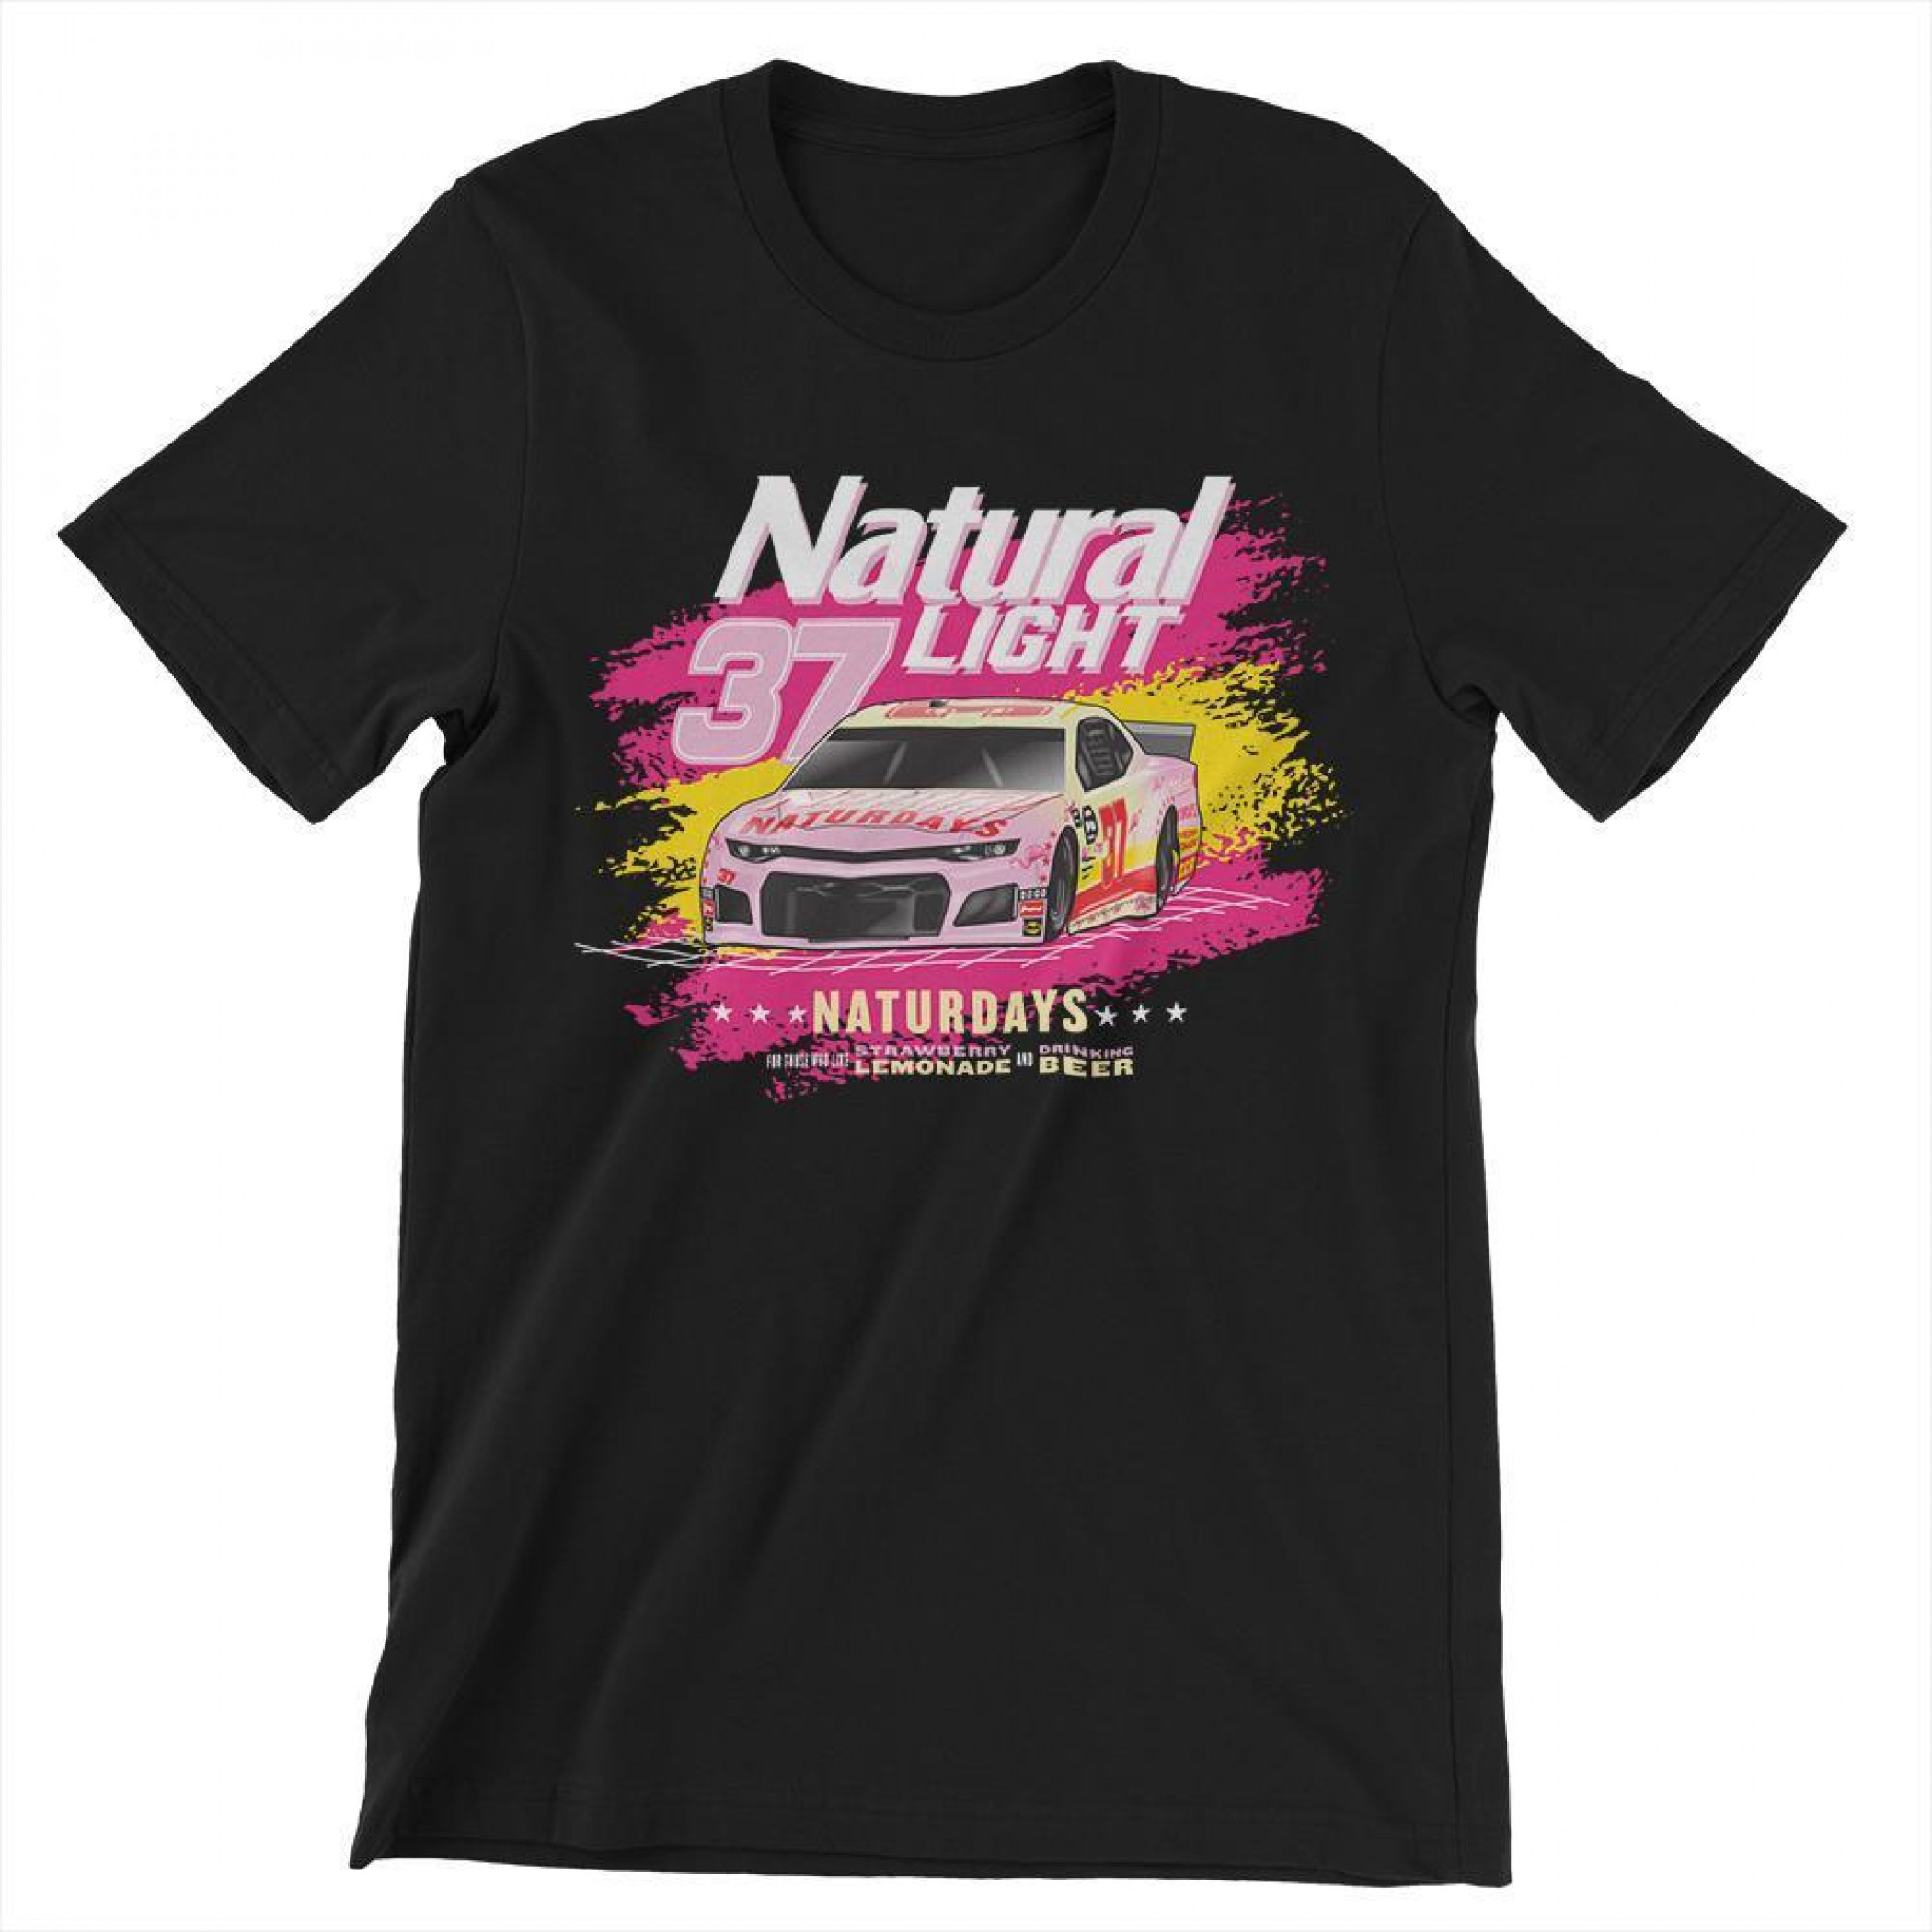 Naturdays NASCAR Natural Light #37 Car T-Shirt